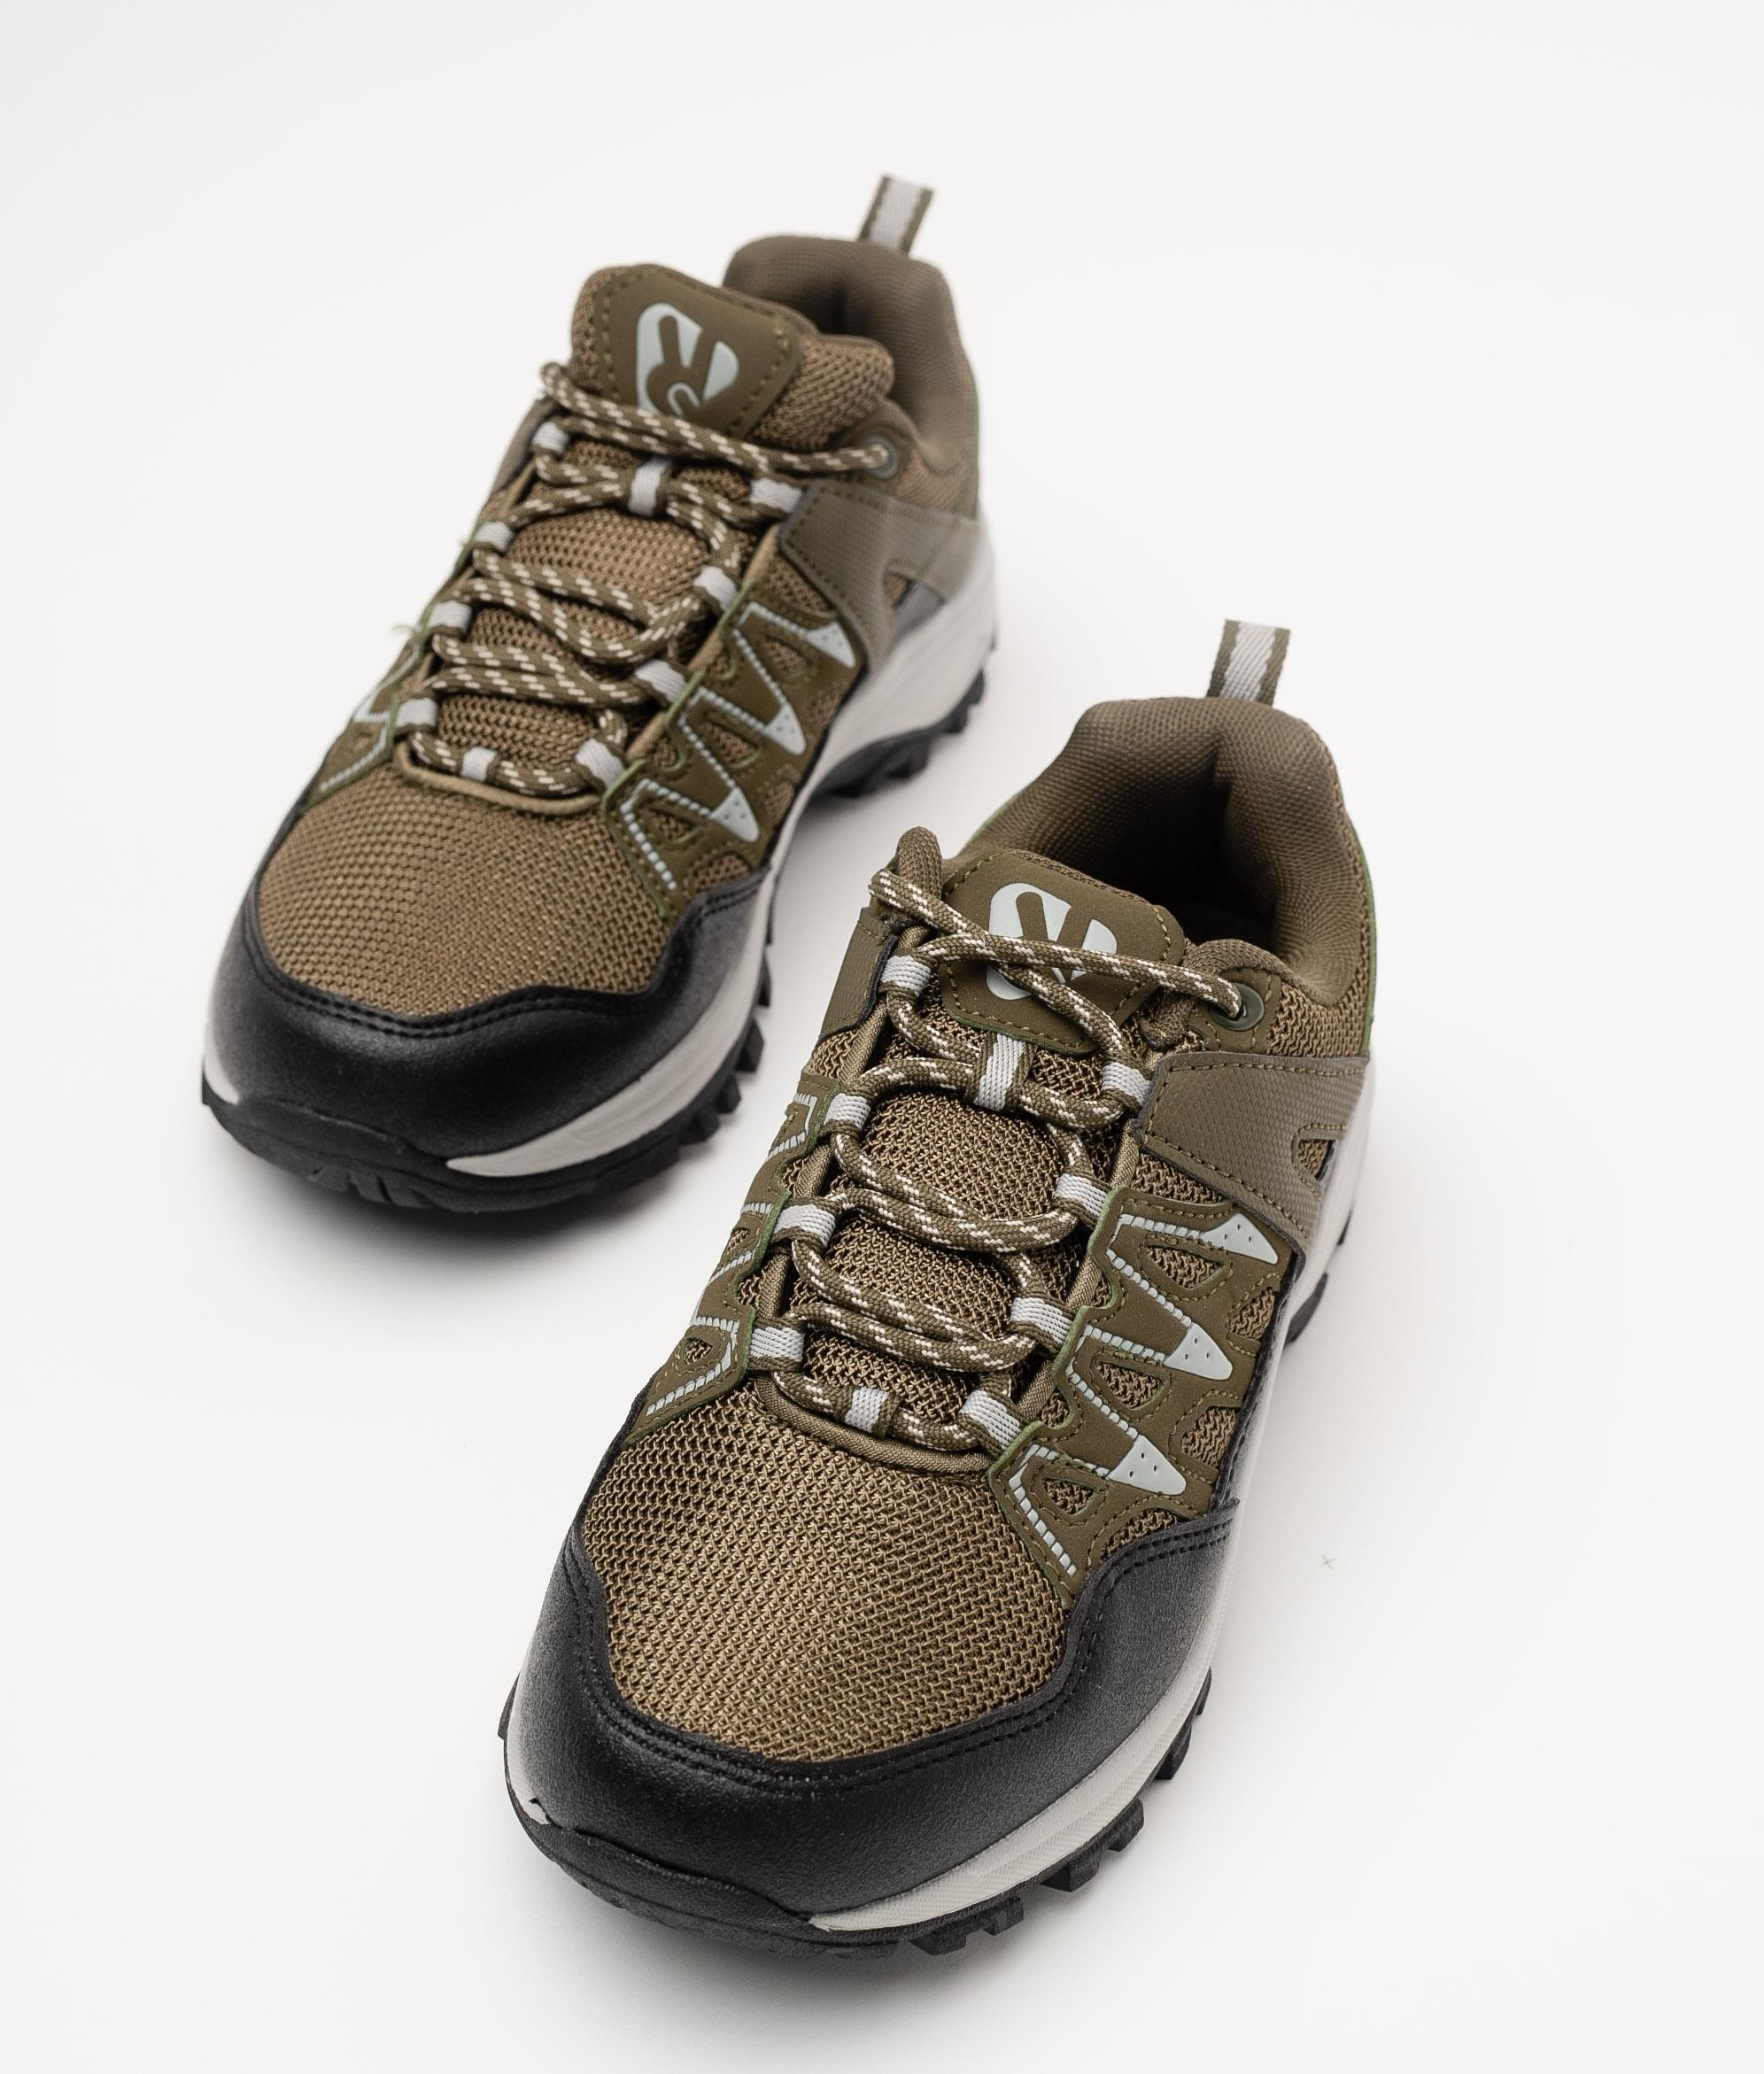 Sneakers Treves Roly - Kaki